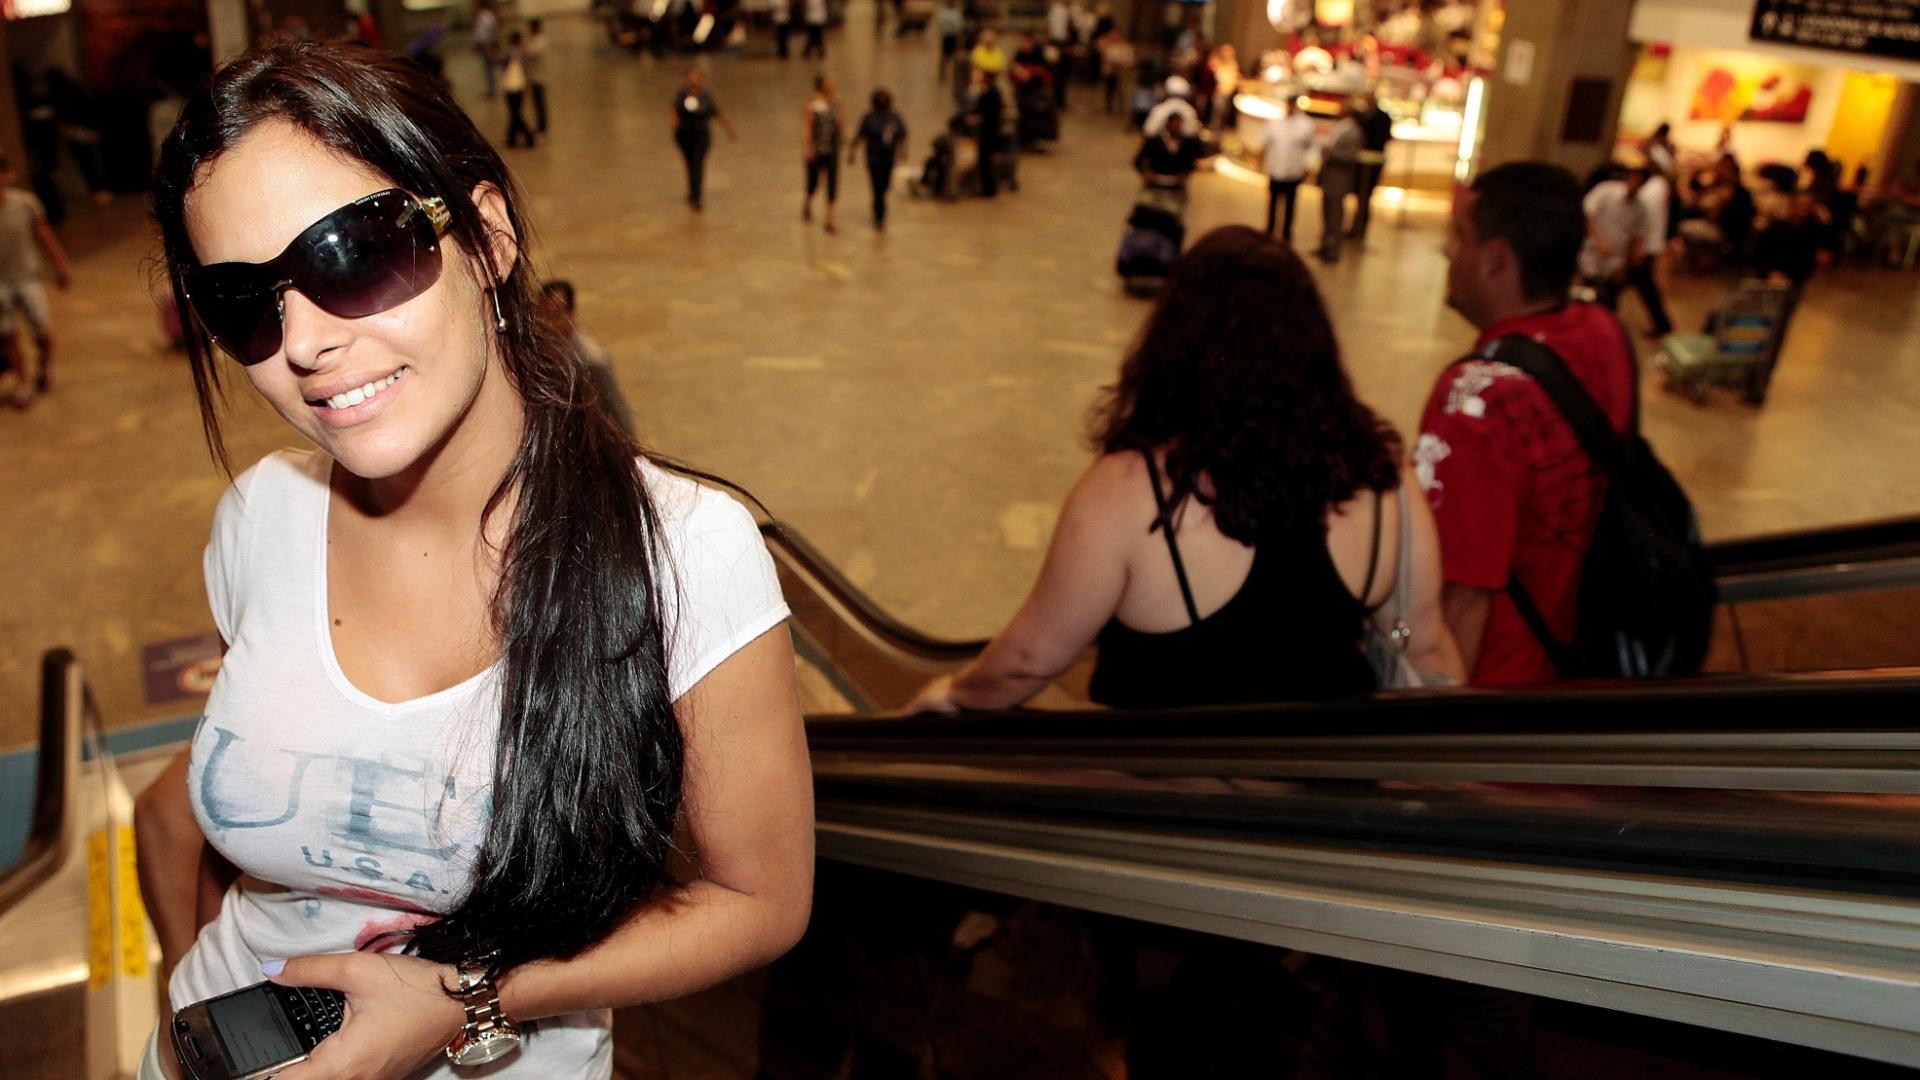 Em entrevista ao UOL, Larissa Riquelme diz que pretende morar no Brasil em breve